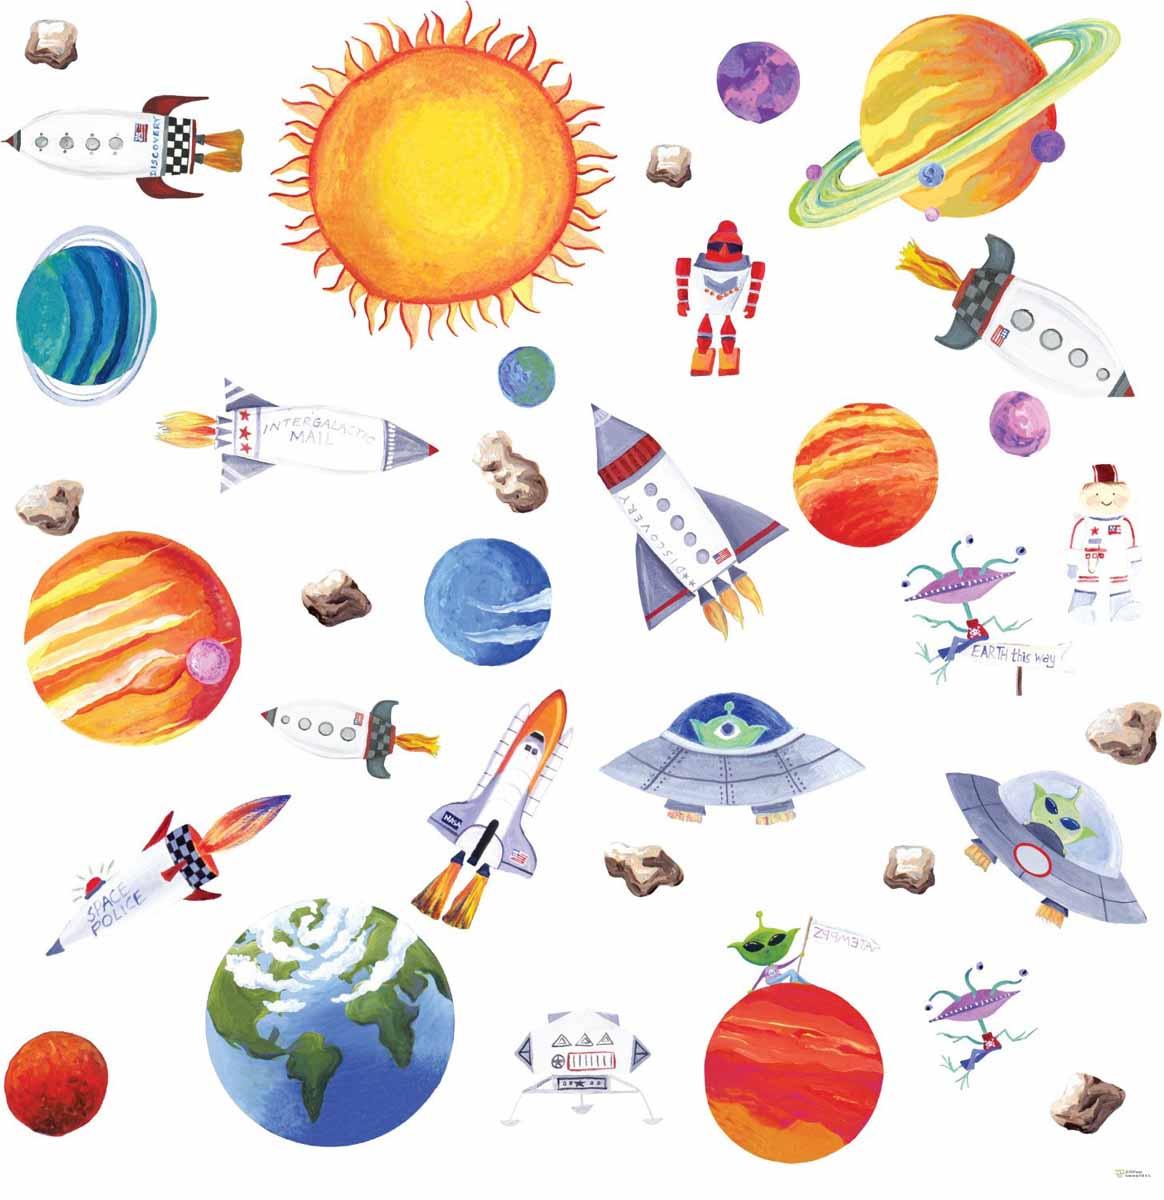 RoomMates Наклейки для декора Космос300148_бирюзовыйНаклейки для декора Космос от знаменитого производителя RoomMates станут украшением вашей квартиры! Превратите комнату вашего ребенка в полигон отважных исследователей космоса с помощью нового набора наклеек для декора! Наклейки, входящие в набор, содержат изображения всех планет Солнечной системы, самого солнца, а также космических ракет и даже корабля пришельцев! Наклейки не нужно вырезать - их следует просто отсоединить от защитного слоя и поместить на стену или любую другую плоскую гладкую поверхность. Наклейки многоразовые: их легко переклеивать и снимать со стены, они не оставляют липких следов на поверхности. В каждой индивидуальной упаковке вы можете найти 4 листа с различными наклейками! Таким образом, покупая наклейки фирмы RoomMates, вы получаете гораздо больший ассортимент наклеек, имея возможность украсить ими различные поверхности в доме.